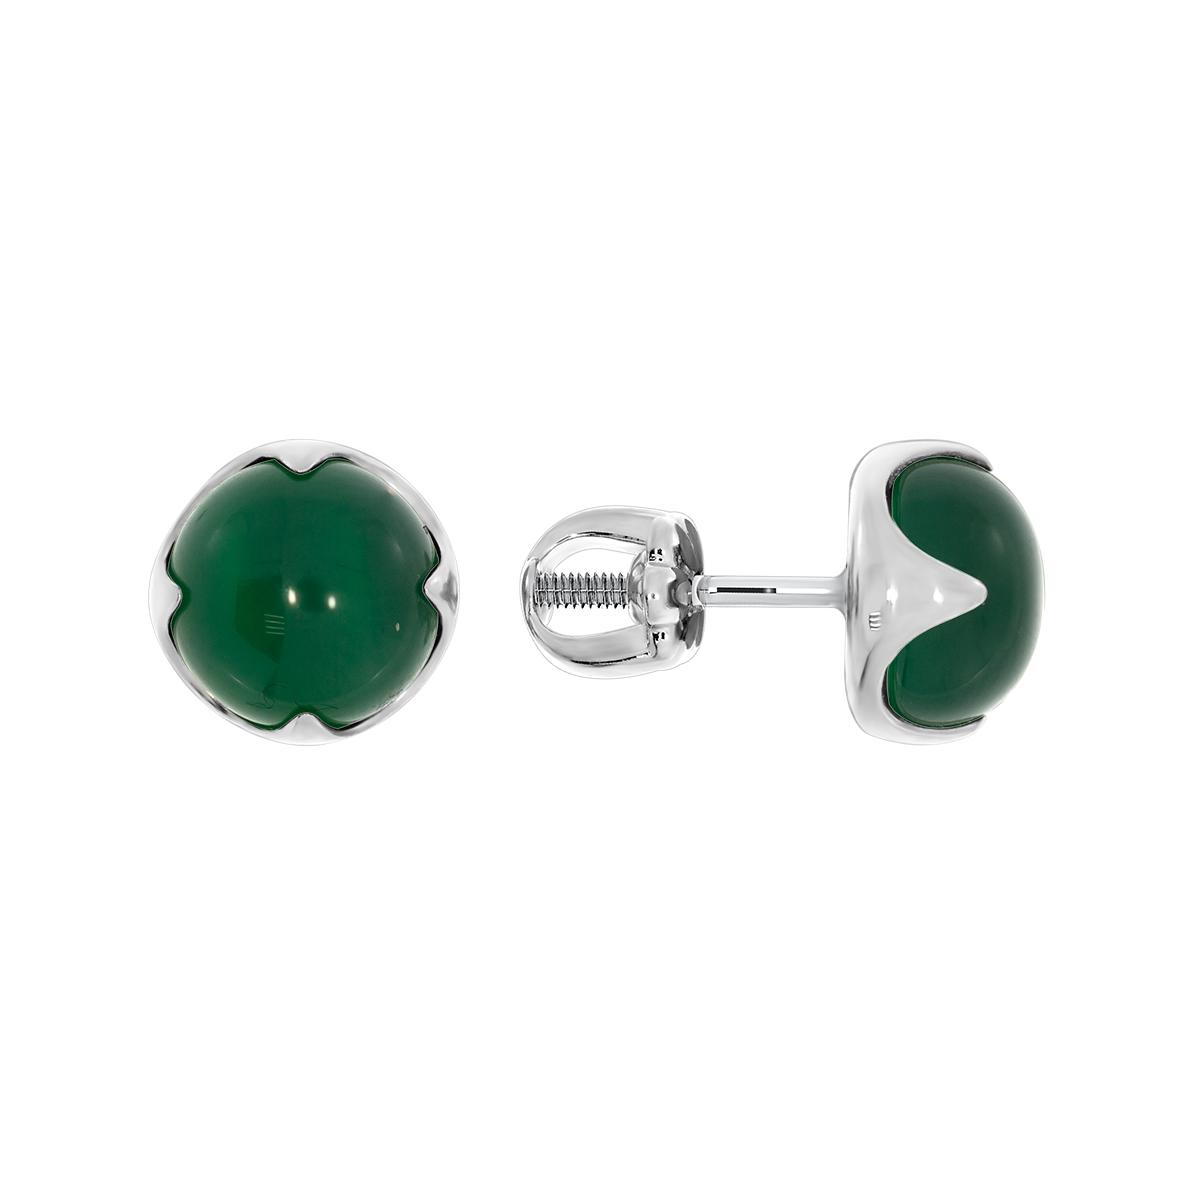 Серебряные серьги с агатом арт. 2340391222-60 2340391222-60